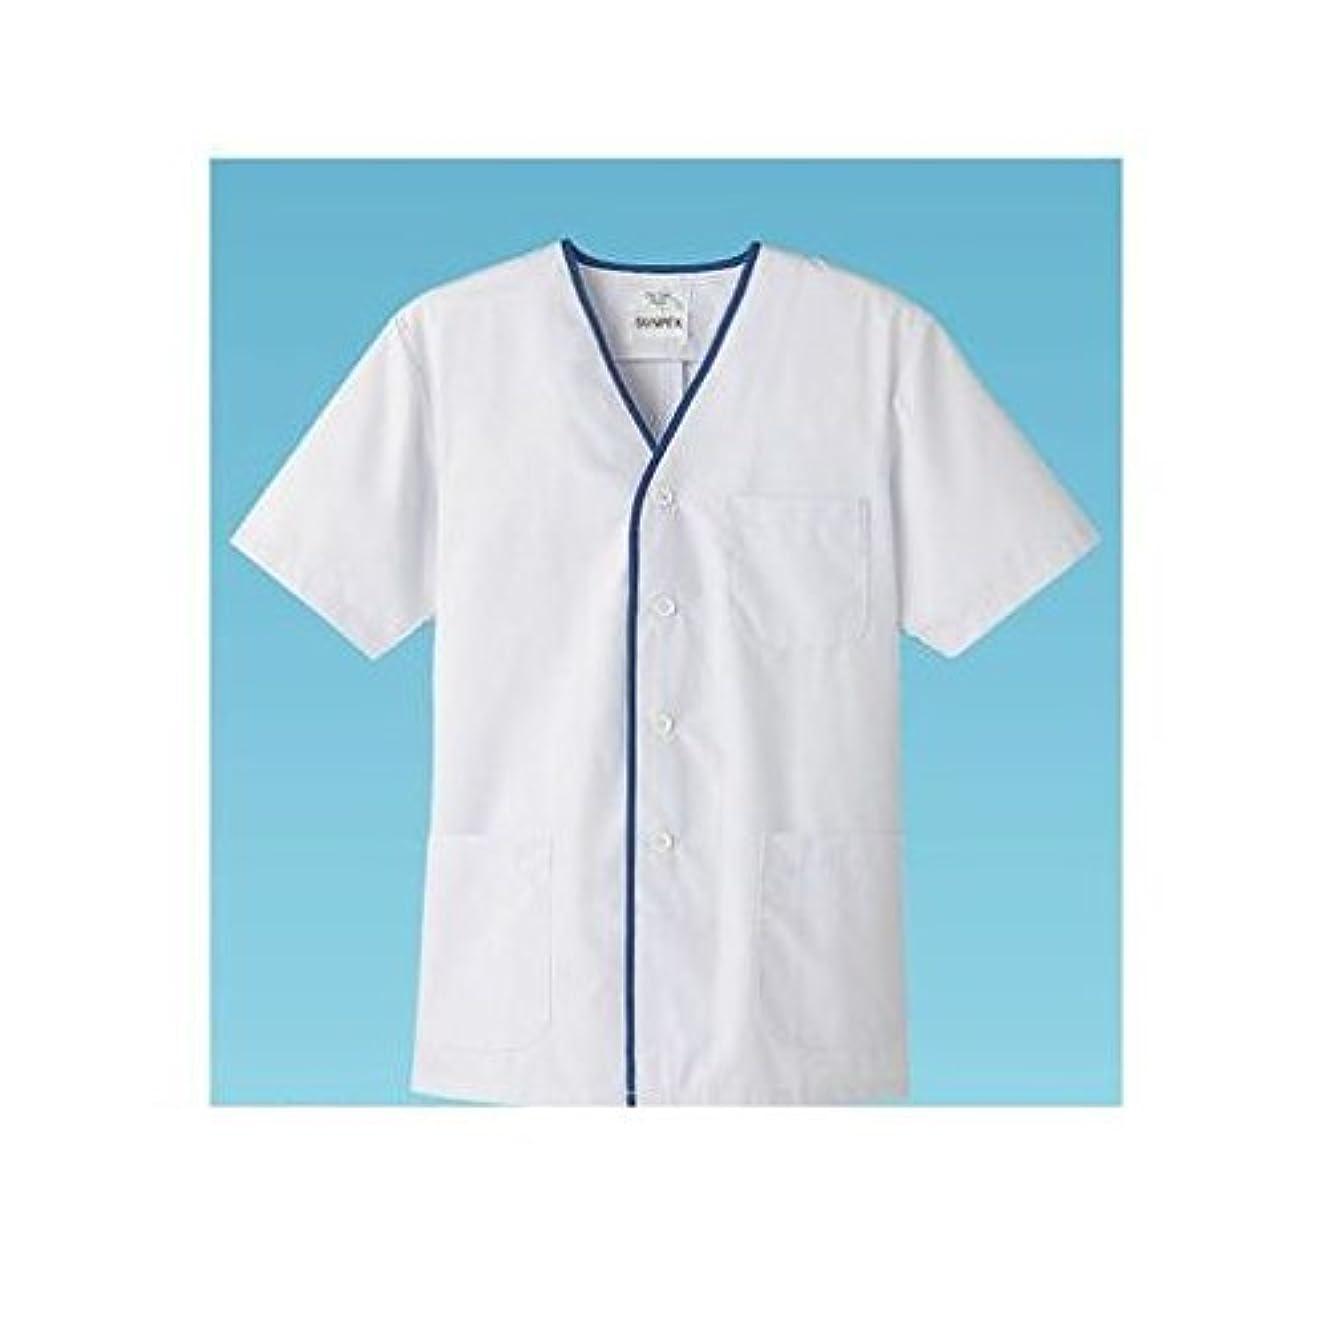 連帯アラバマ収束するFN77199 男性用デザイン白衣 半袖 FA-347 3L